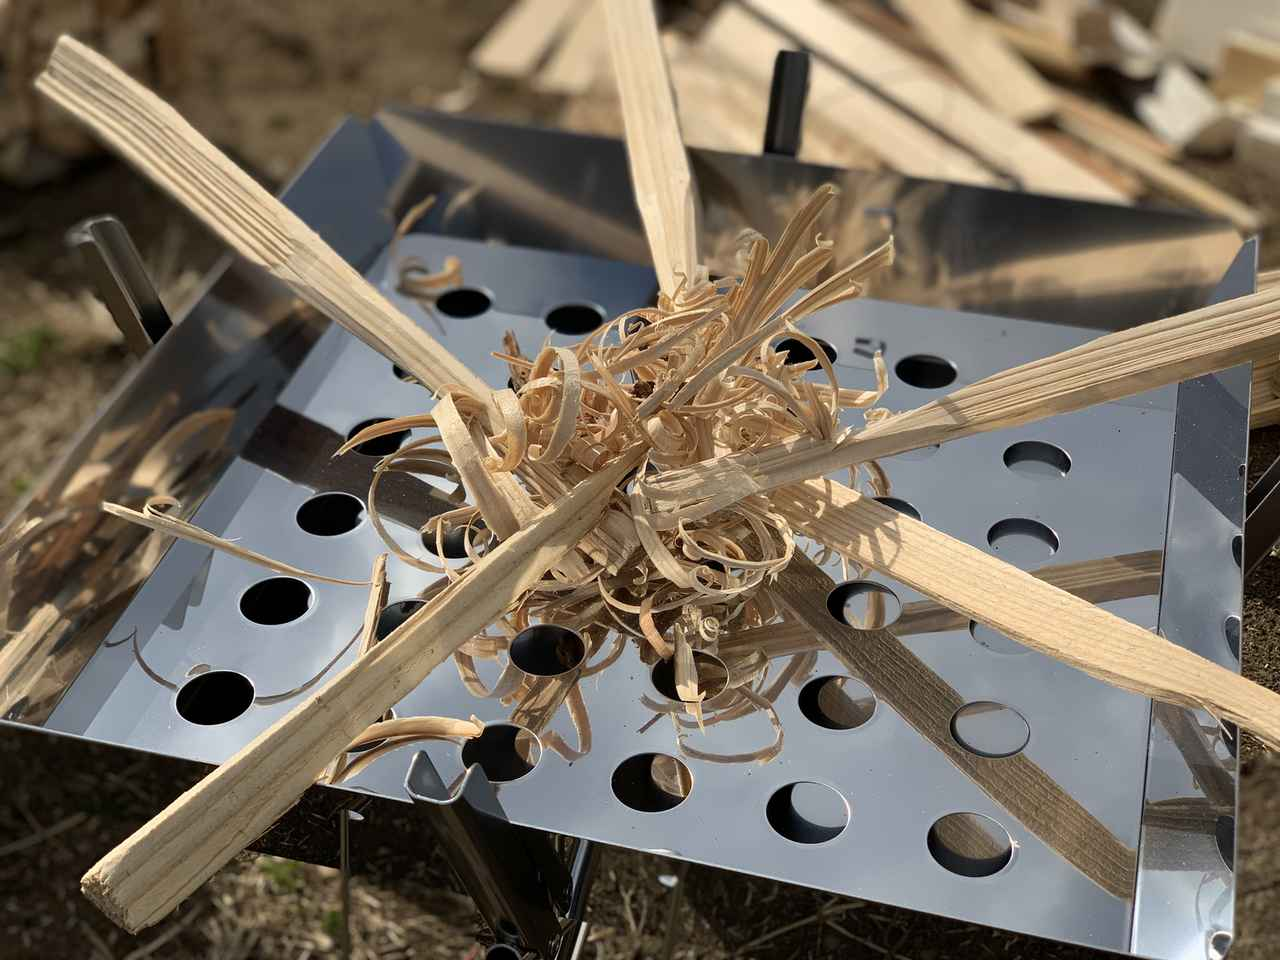 画像: 「モーラナイフ」の機能は? キャンプビギナーにはフェザースティック作りがおすすめ